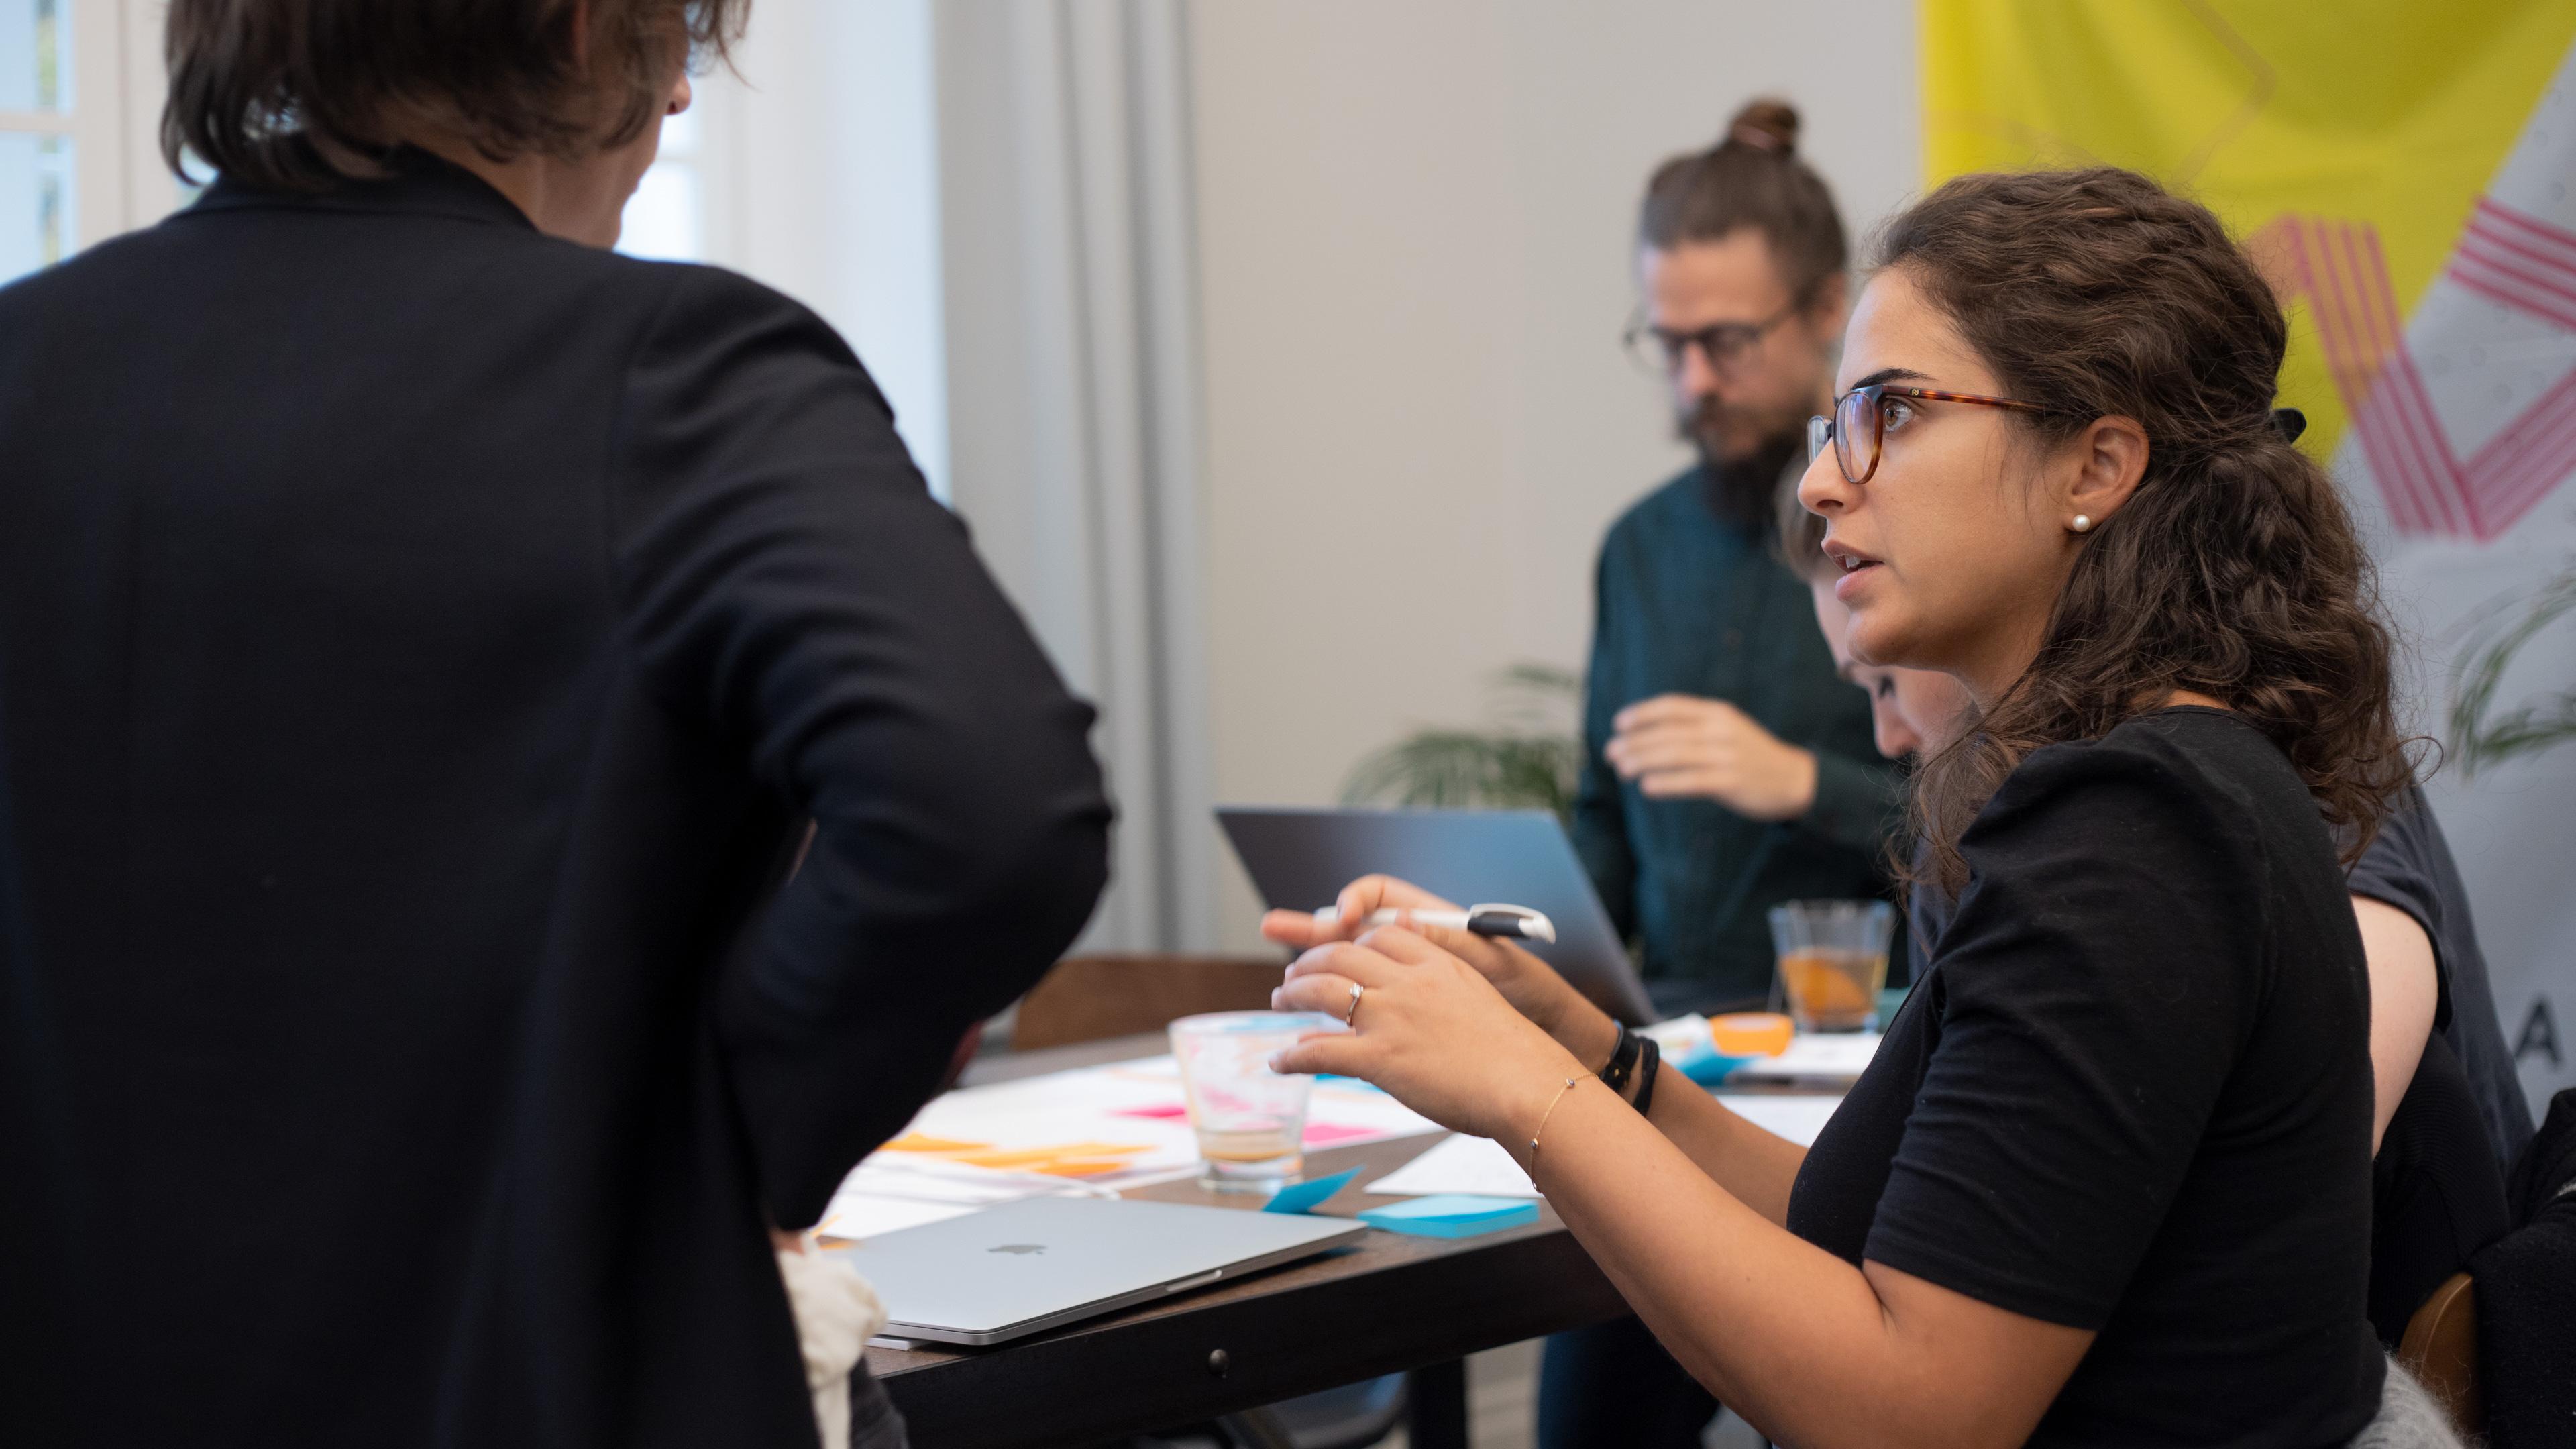 Data4change, Estiona / Tallinn, European Hub For Civic Engagement, Das Progressive Zentrum, maddthing